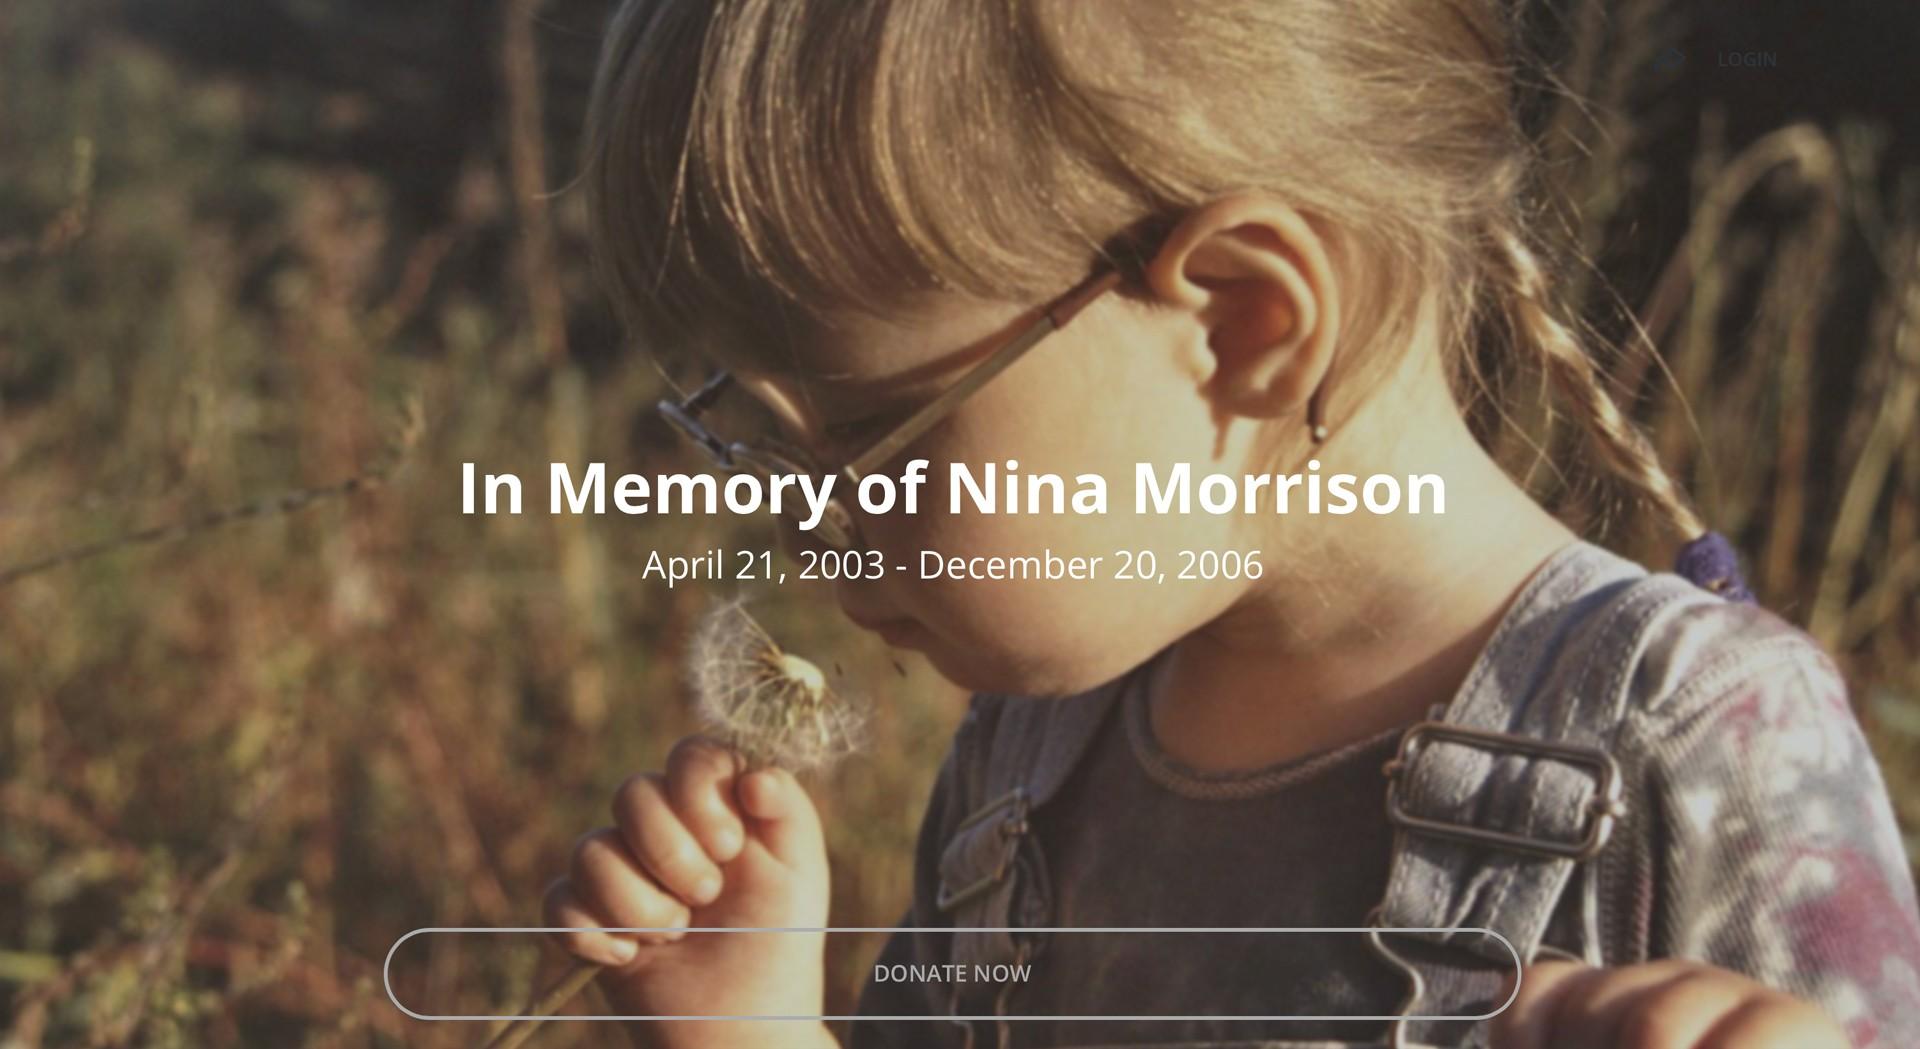 Nina Morrison